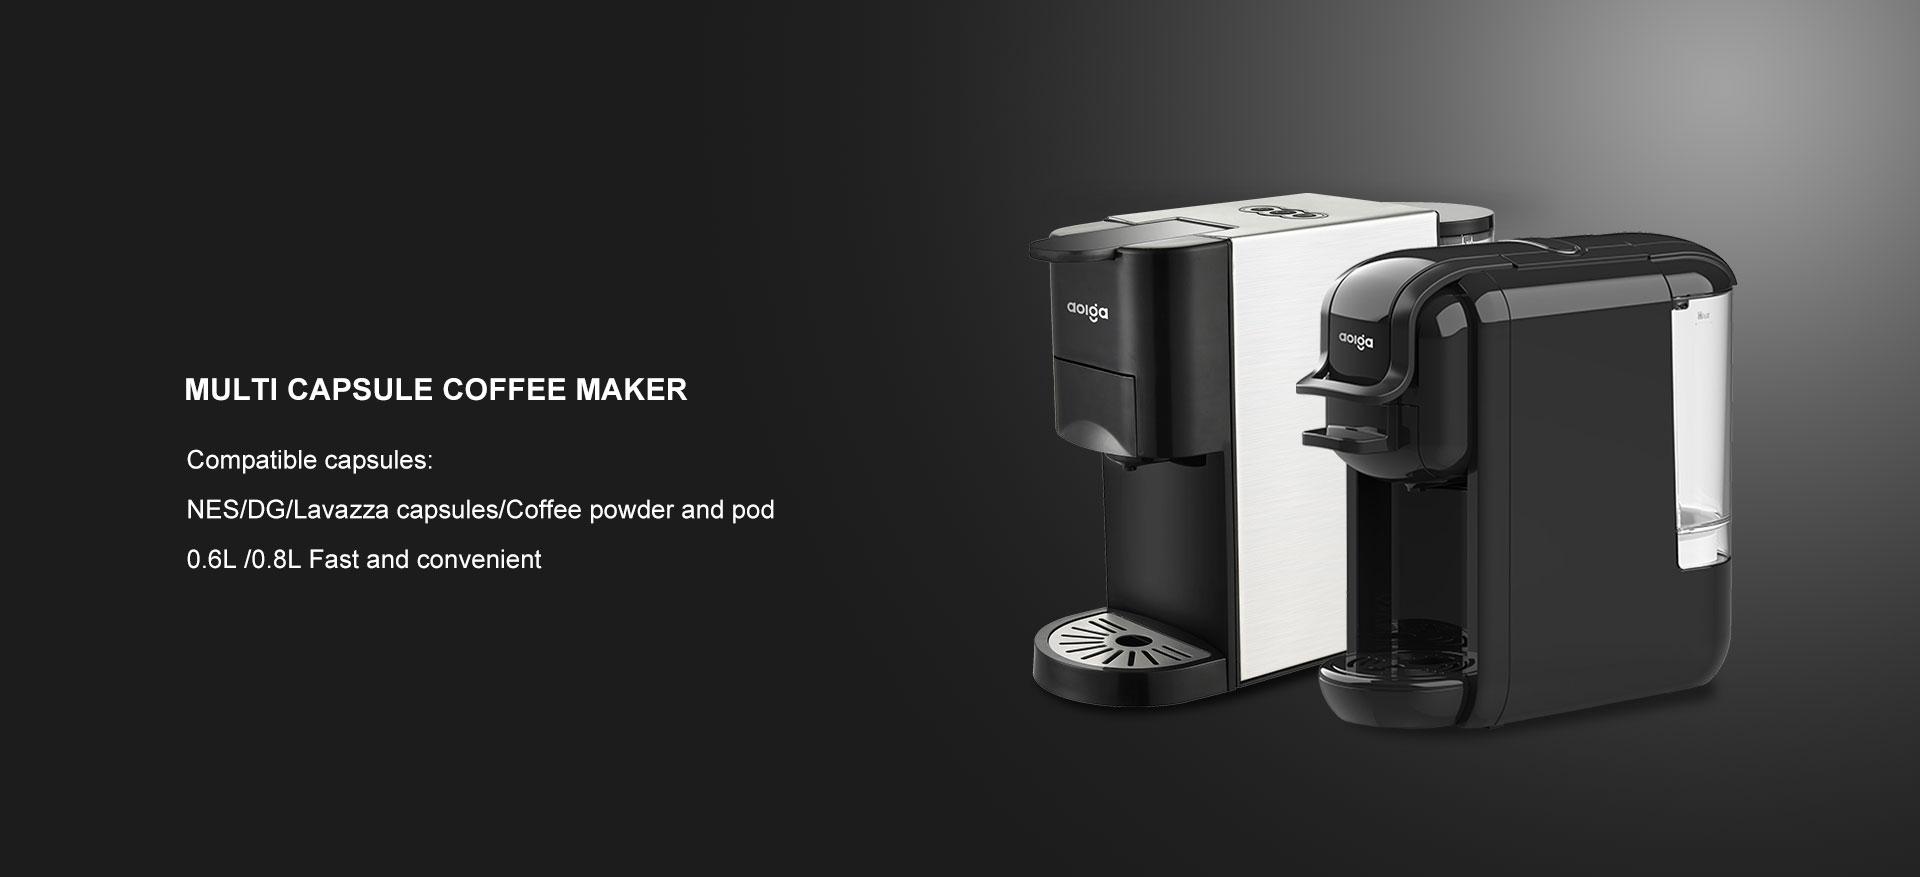 中国咖啡机厂,供应商 -  Aolgavwin德赢能提款40万吗